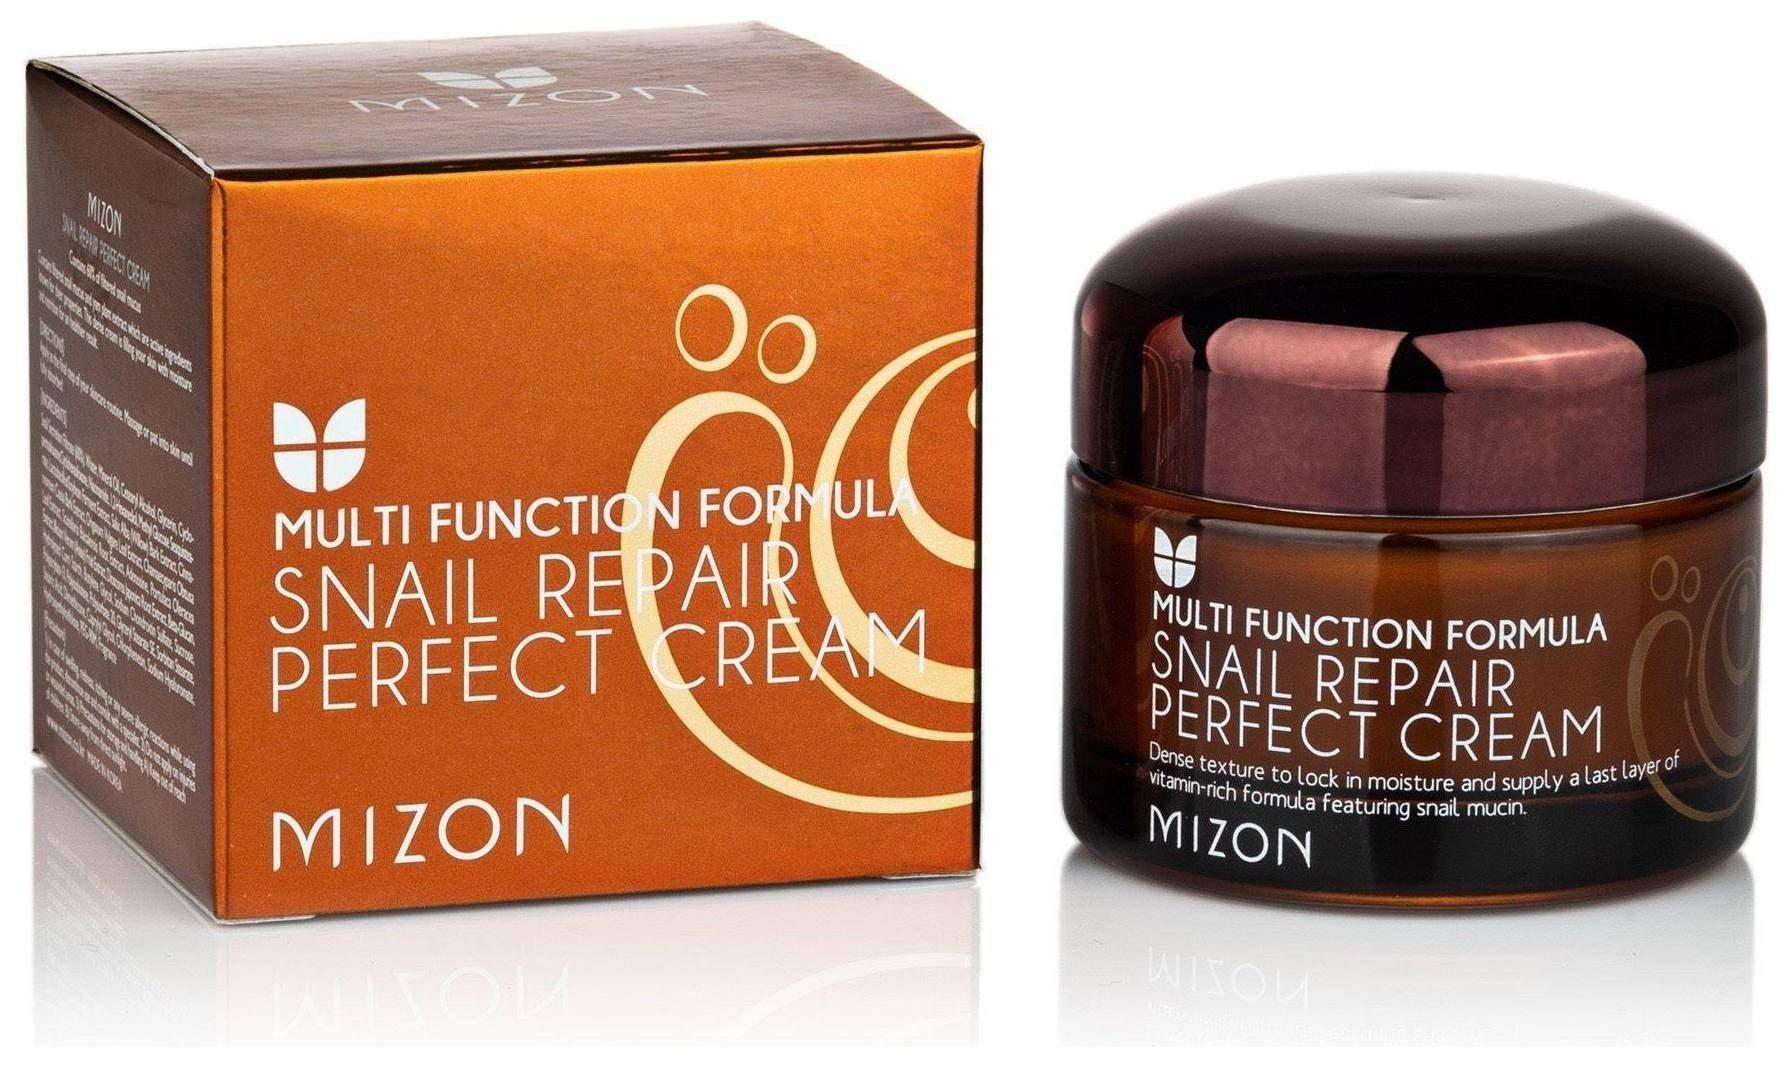 Питательный крем для лица с муцином улитки Perfect Cream  Mizon